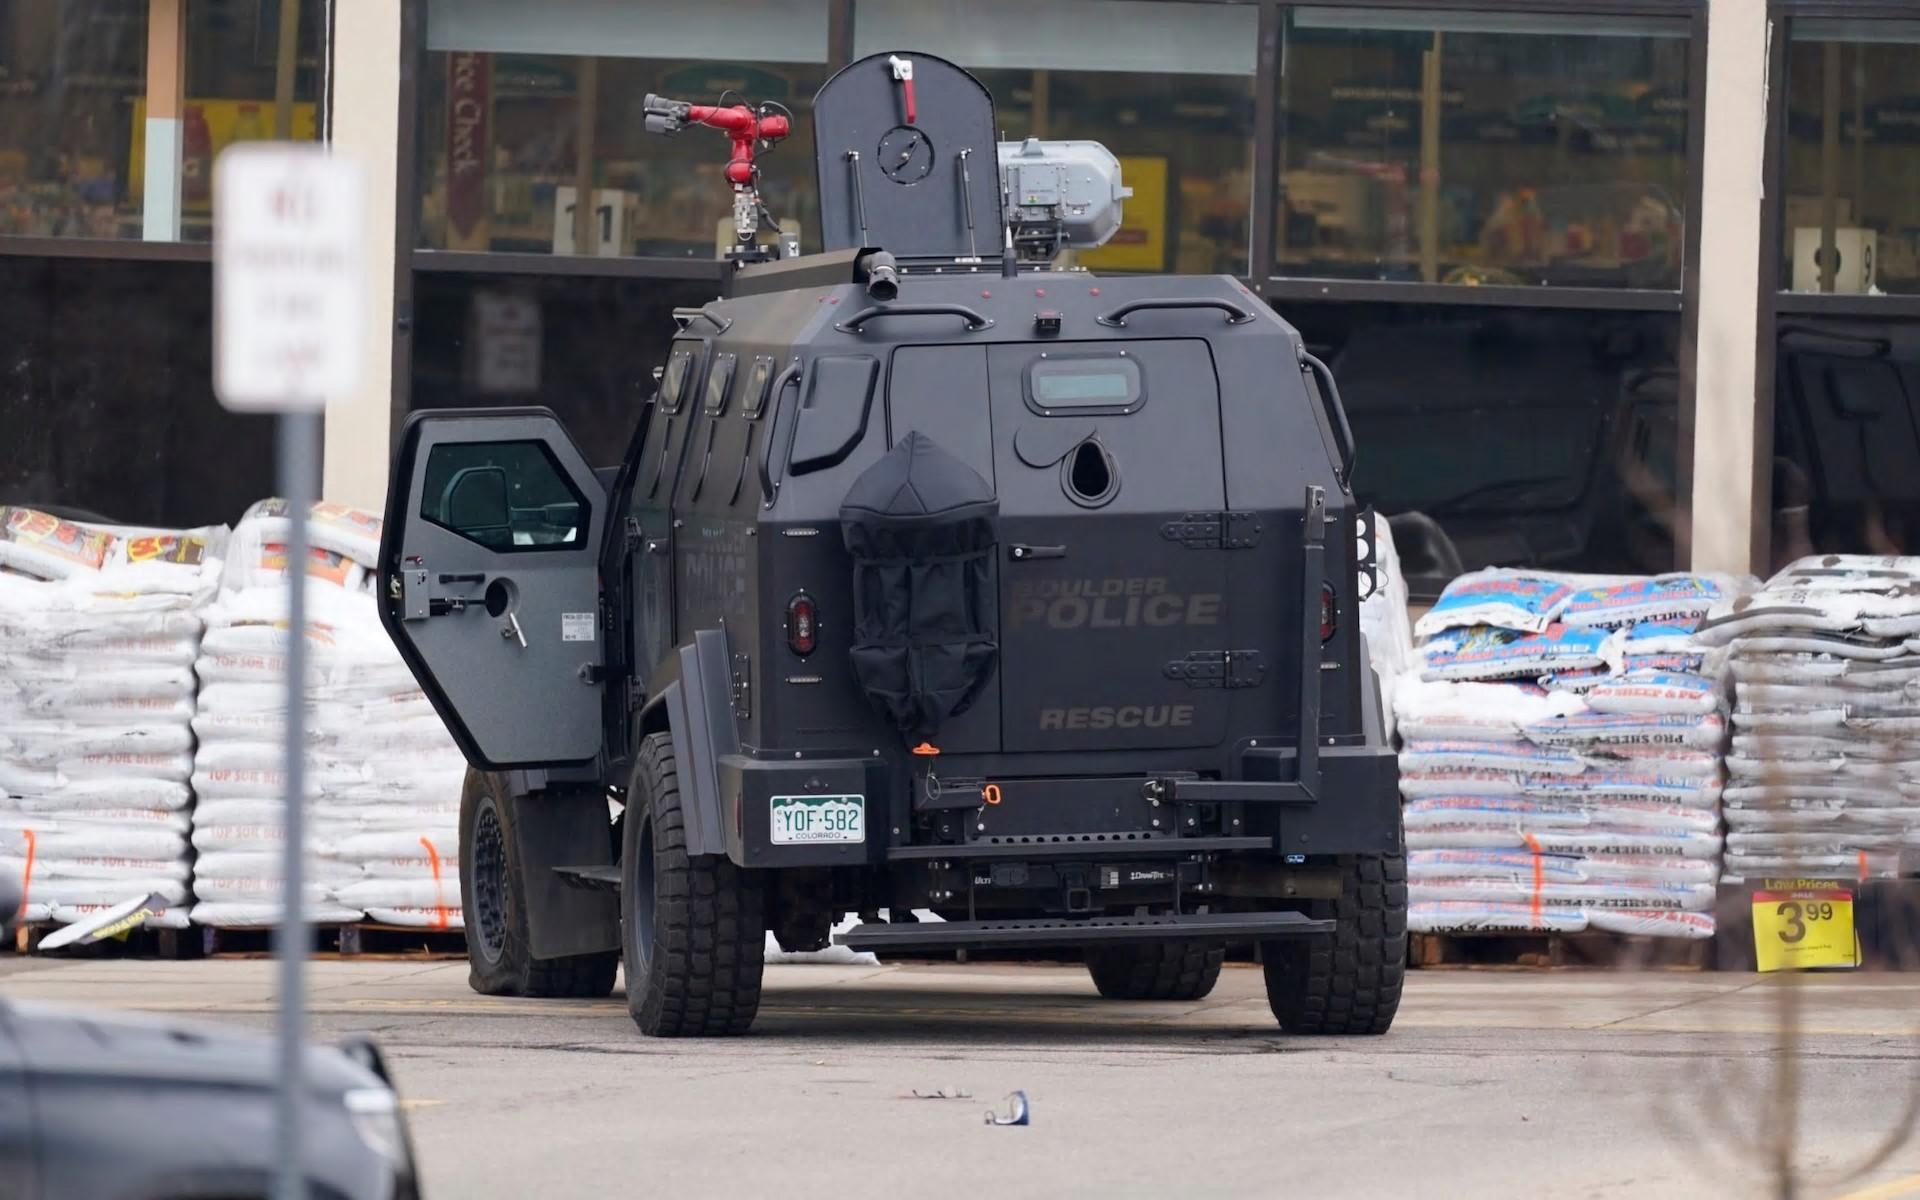 一辆卡车停在路边:装甲车参加了现场-AP